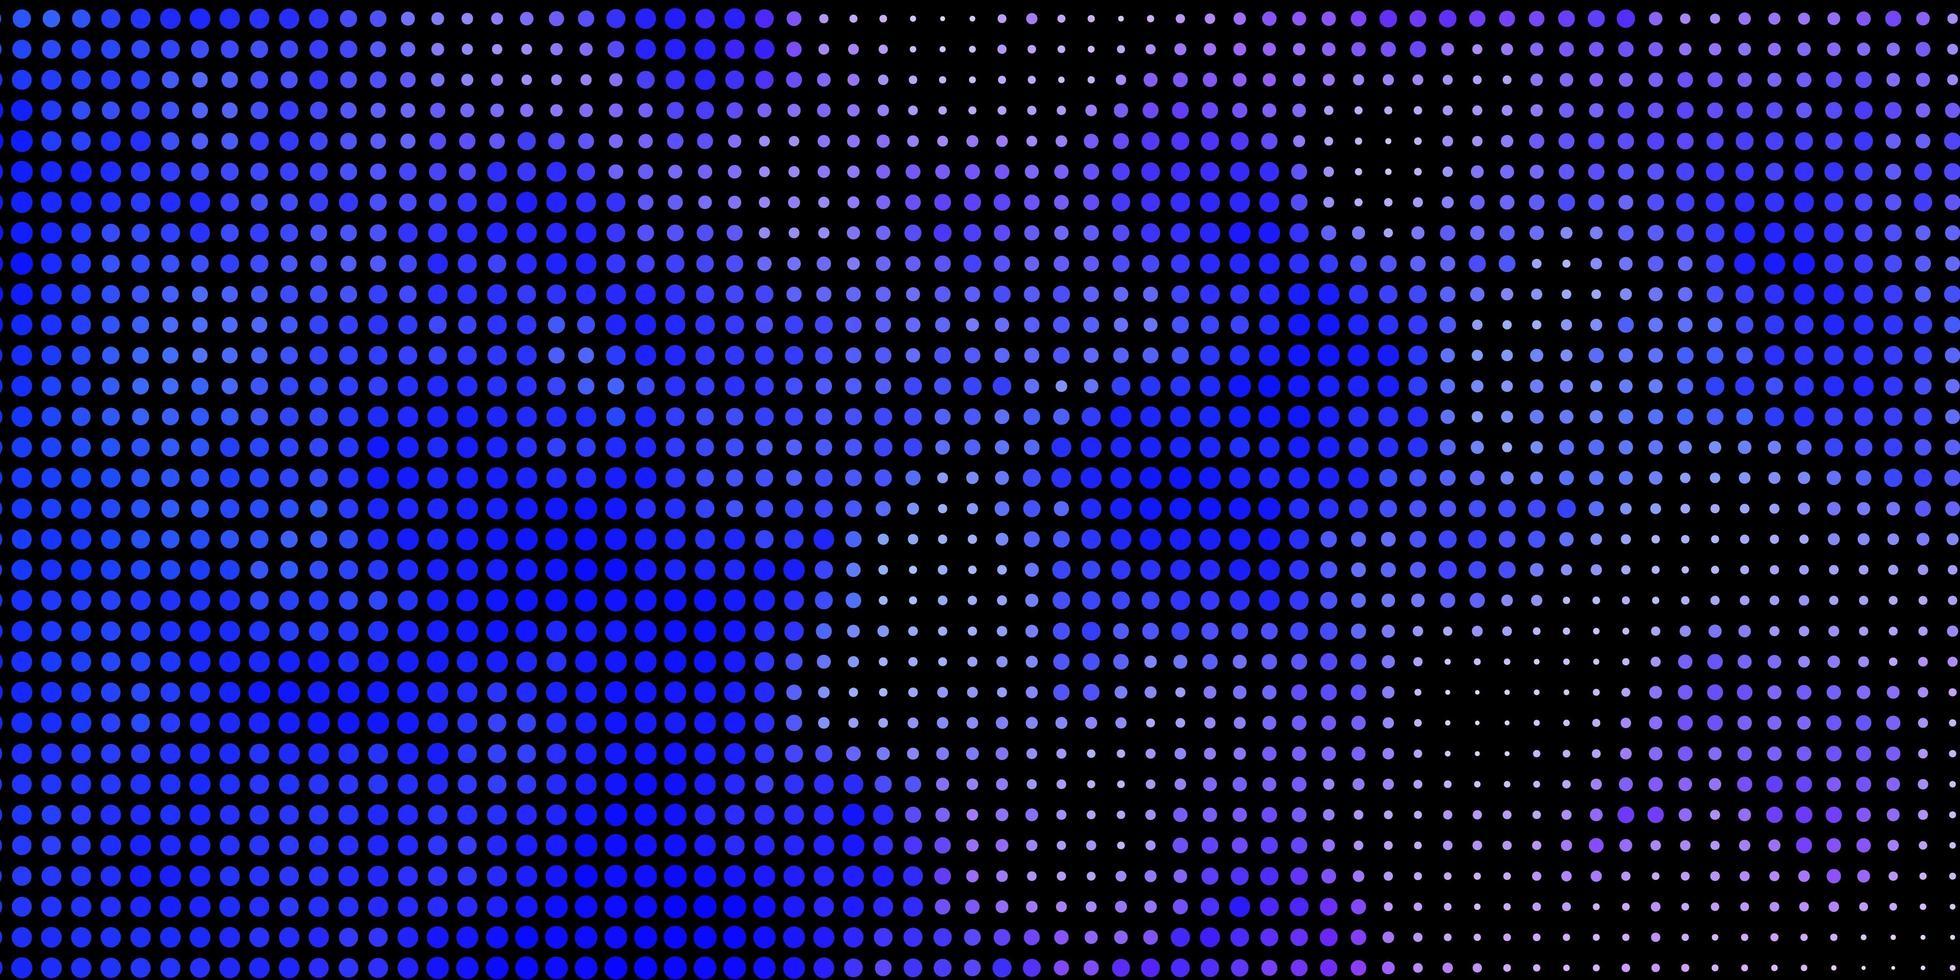 sfondo blu con punti. vettore